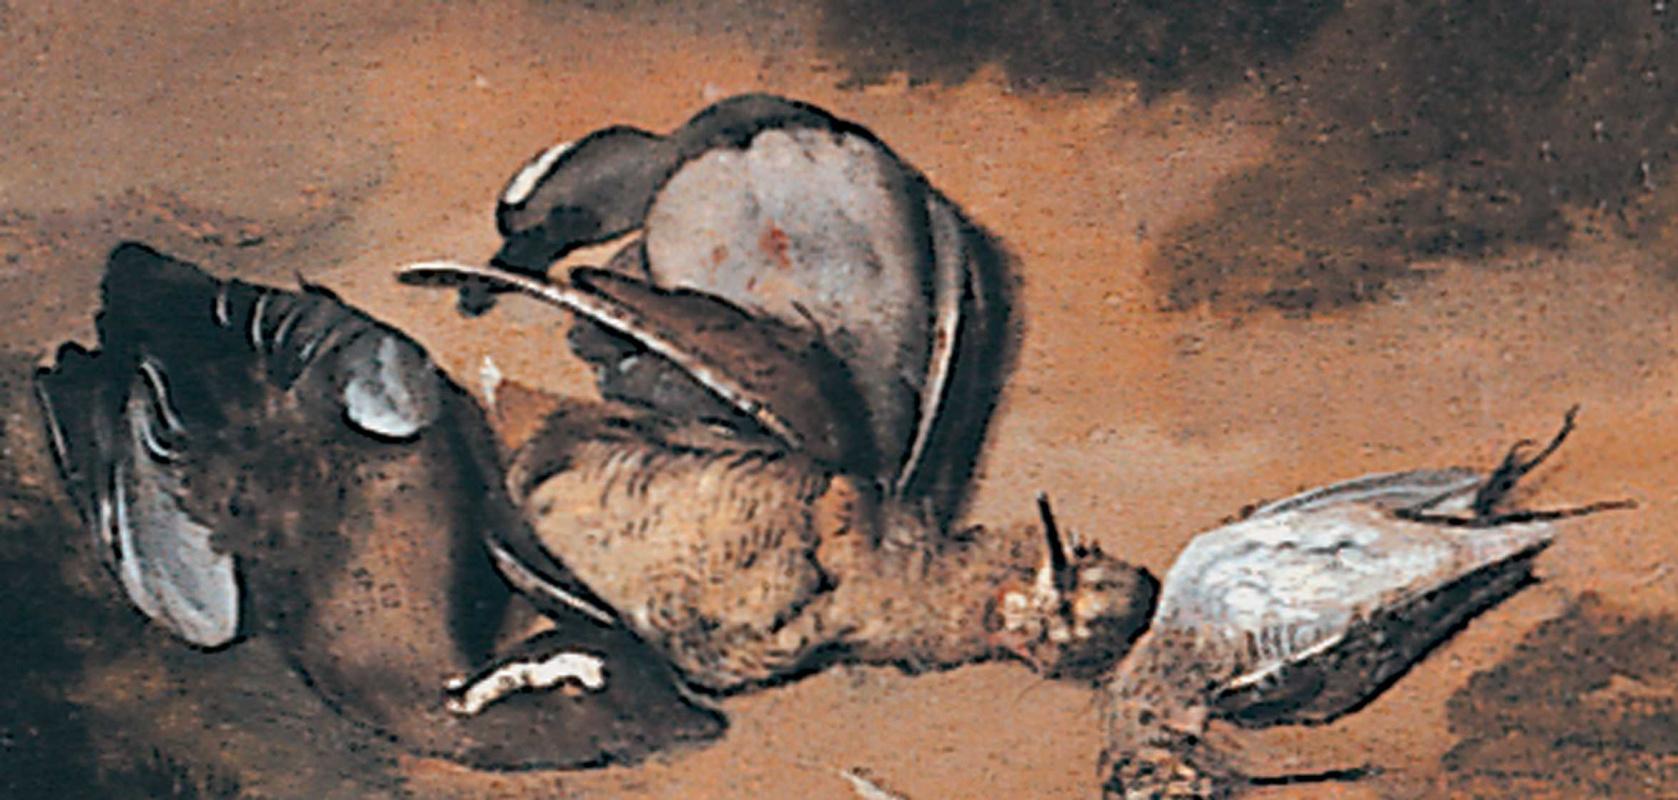 Ян Давидс Мейтенс. Семейный портрет. Фрагмент